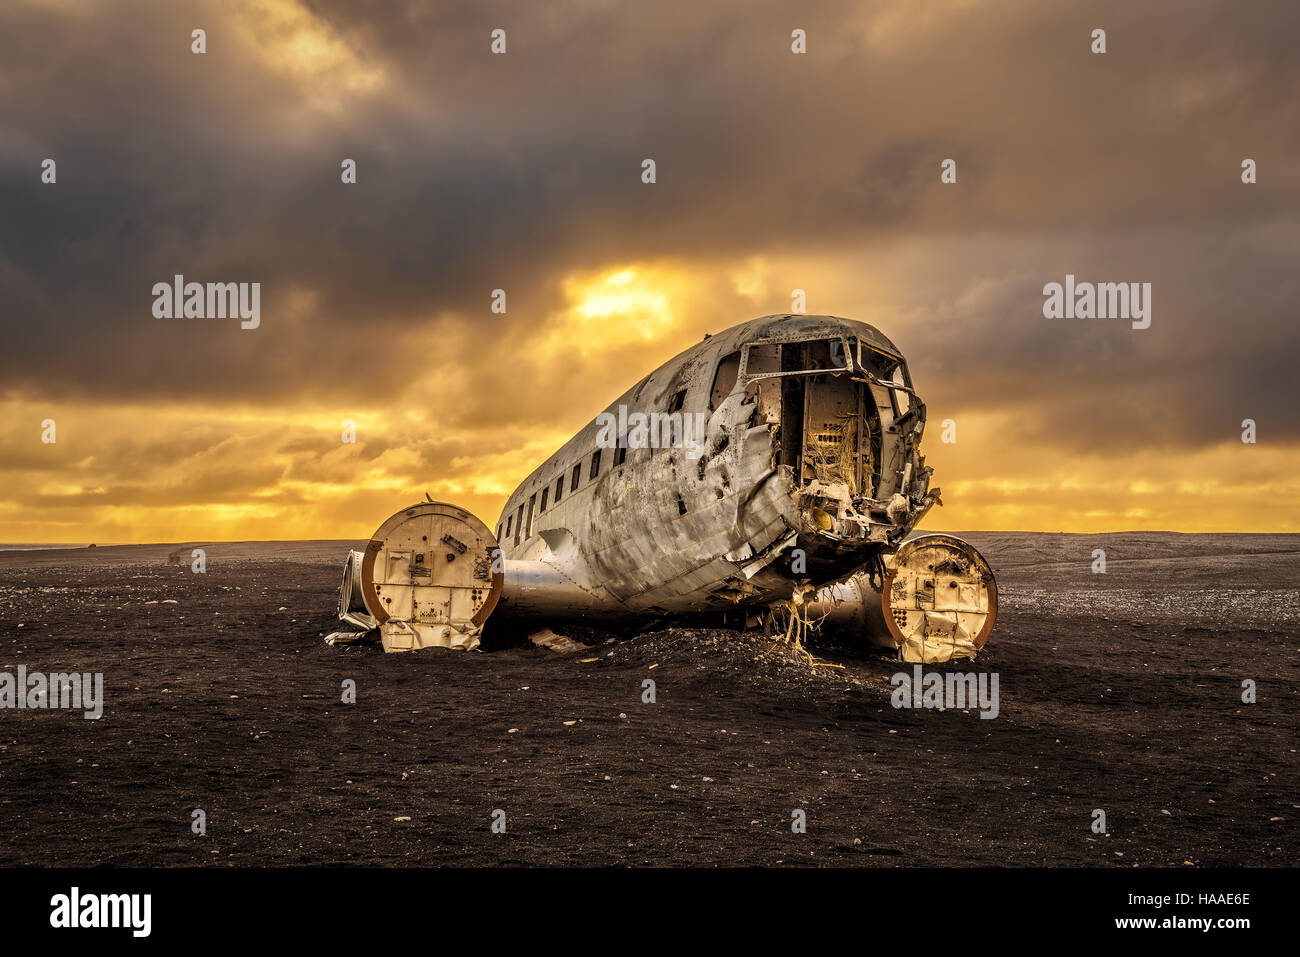 Ancien avion écrasé abandonnés sur Solheimasandur beach près de Vik en Islande avec forte tempête Photo Stock